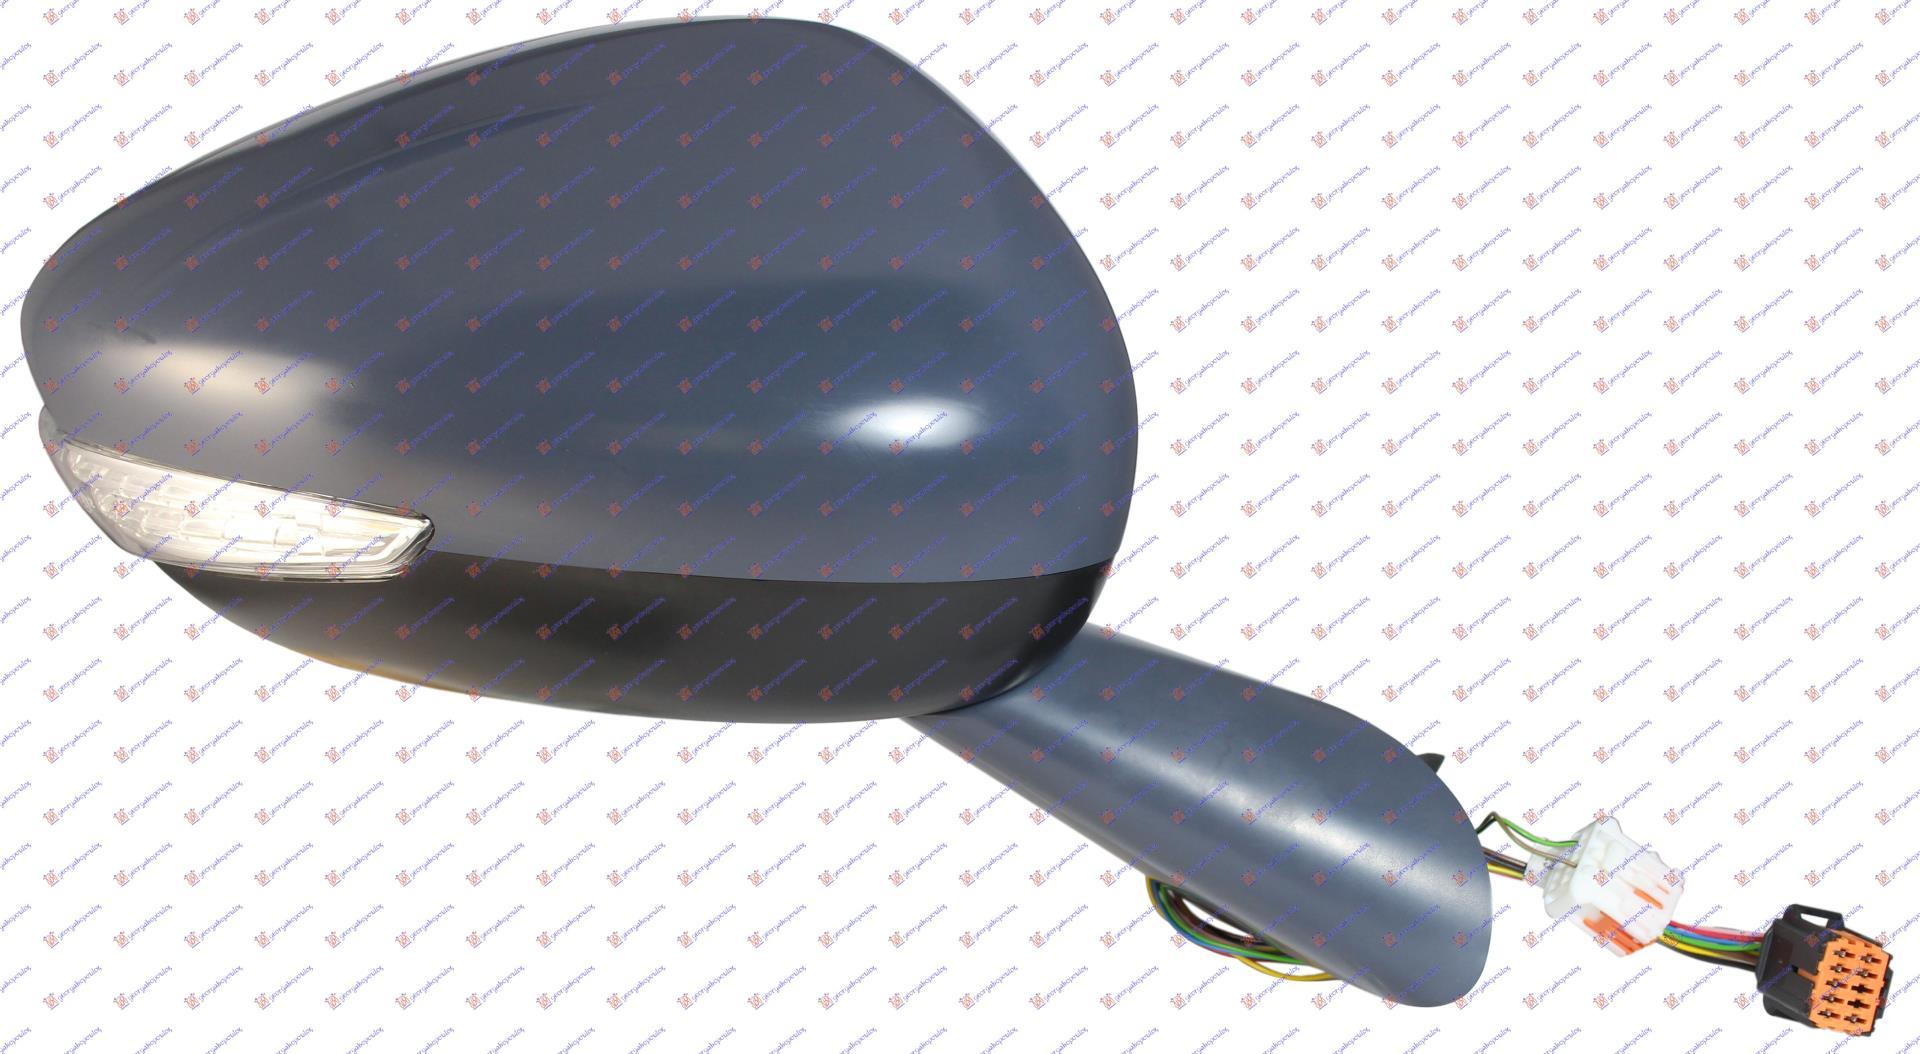 Slika GBG - 198207501 - Spoljašnji retrovizor (Karoserija)